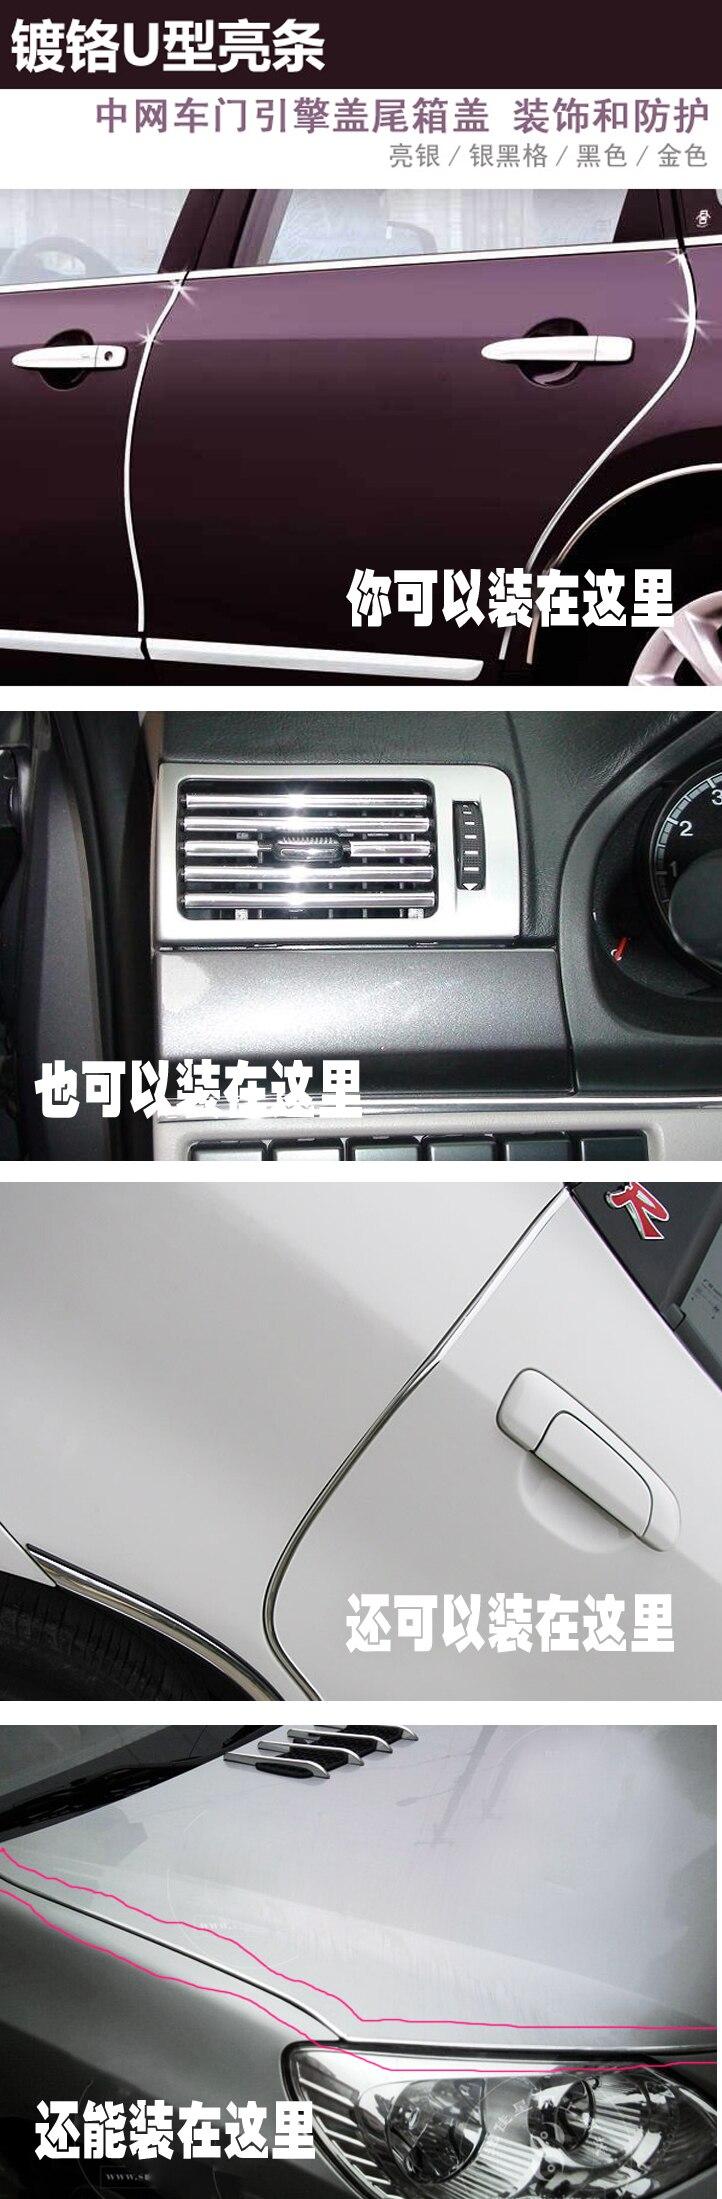 u-образный DIY Автомобильный интерьер кондиционер декоративная полоска для вентиляционного отверстия вентиляционная решетка декоративная хромированная полоска автомобильные аксессуары